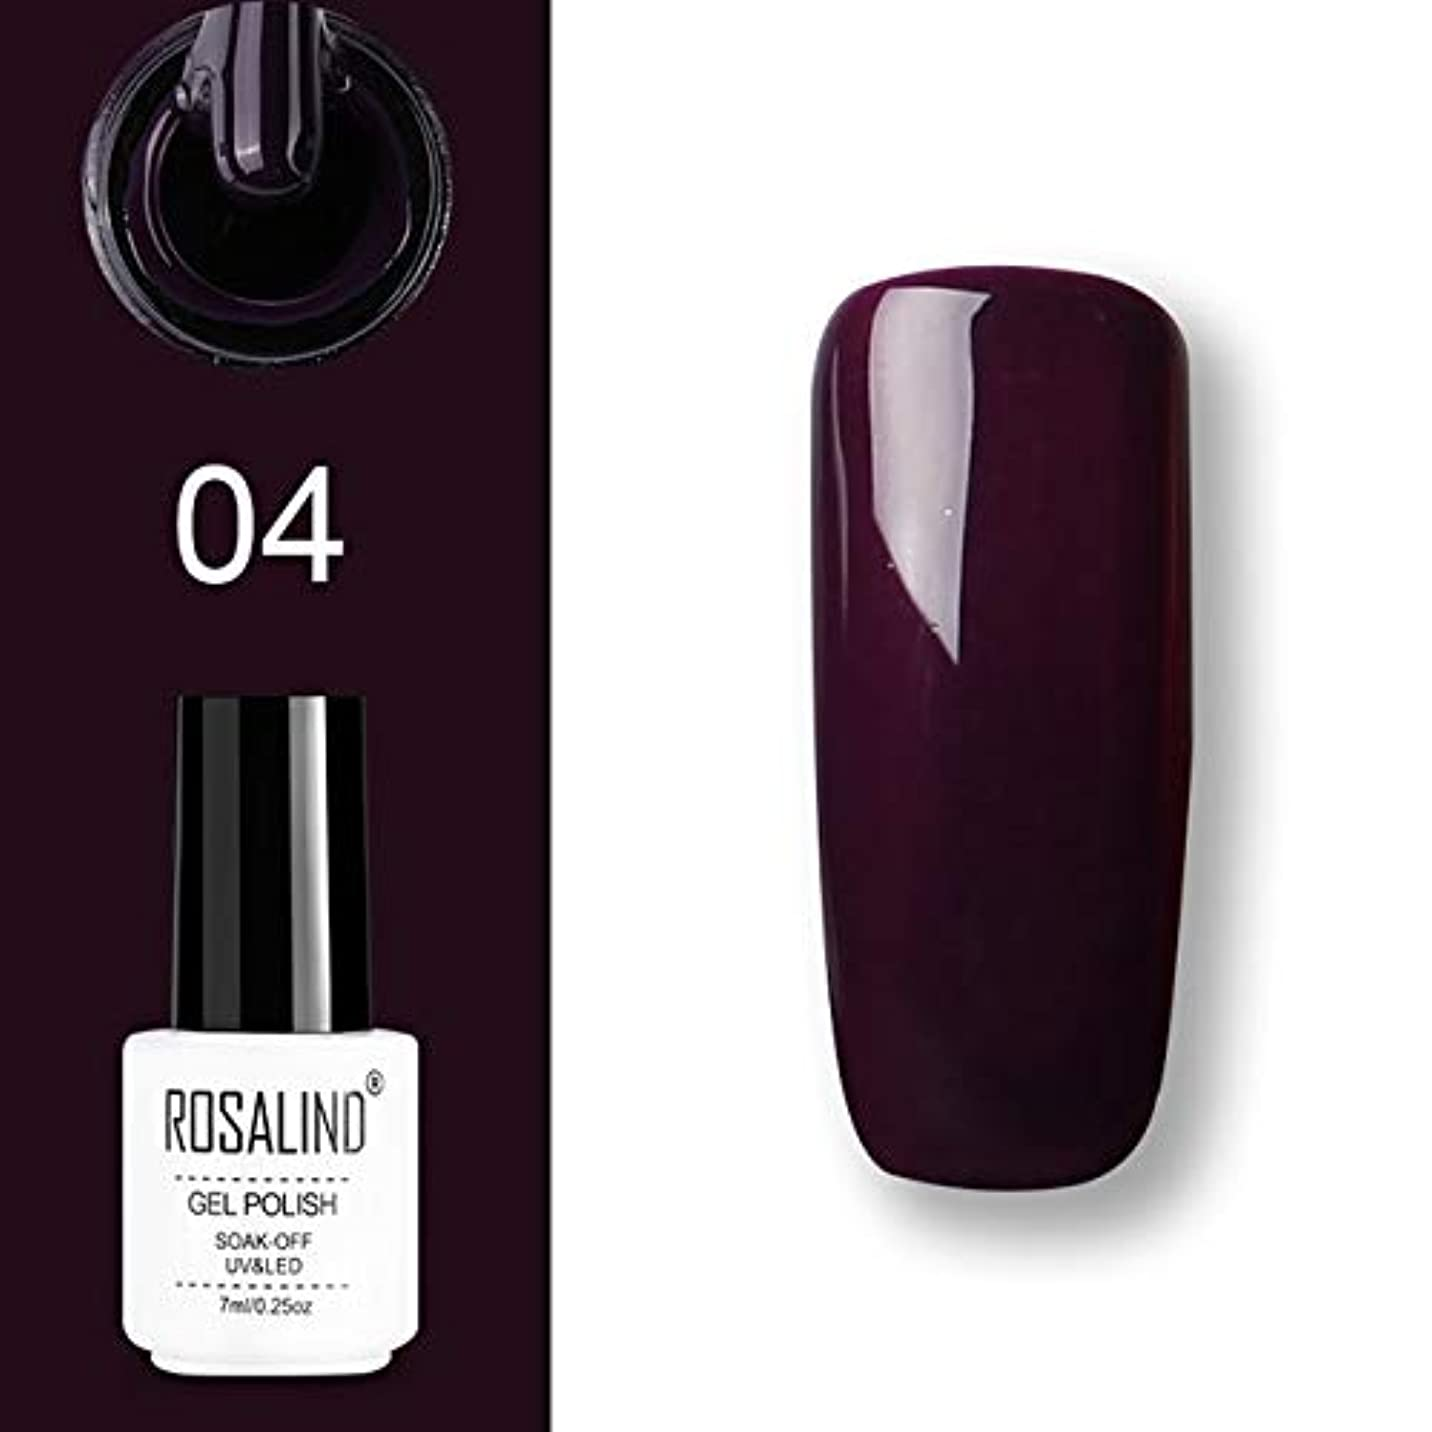 獣電圧汚物ファッションアイテム ROSALINDジェルポリッシュセットUVセミパーマネントプライマートップコートポリジェルニスネイルアートマニキュアジェル、濃い紫色,容量:7ml 04。 環境に優しいマニキュア